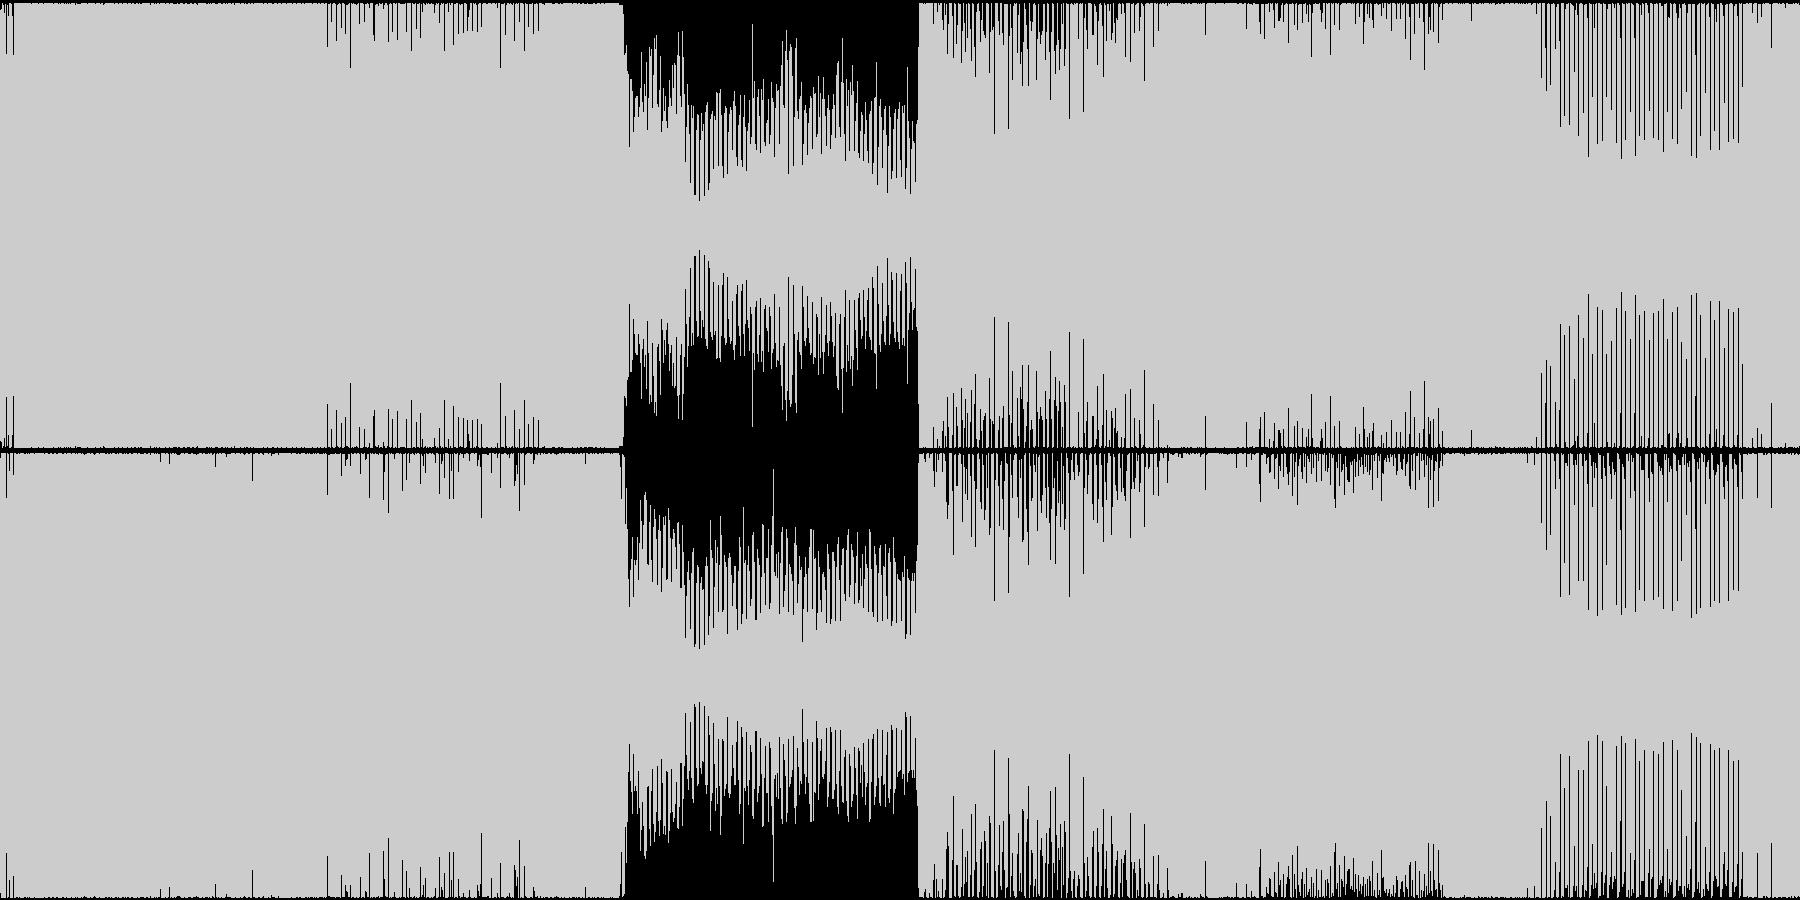 トランス ハウス 神秘的 EDM ゲームの未再生の波形